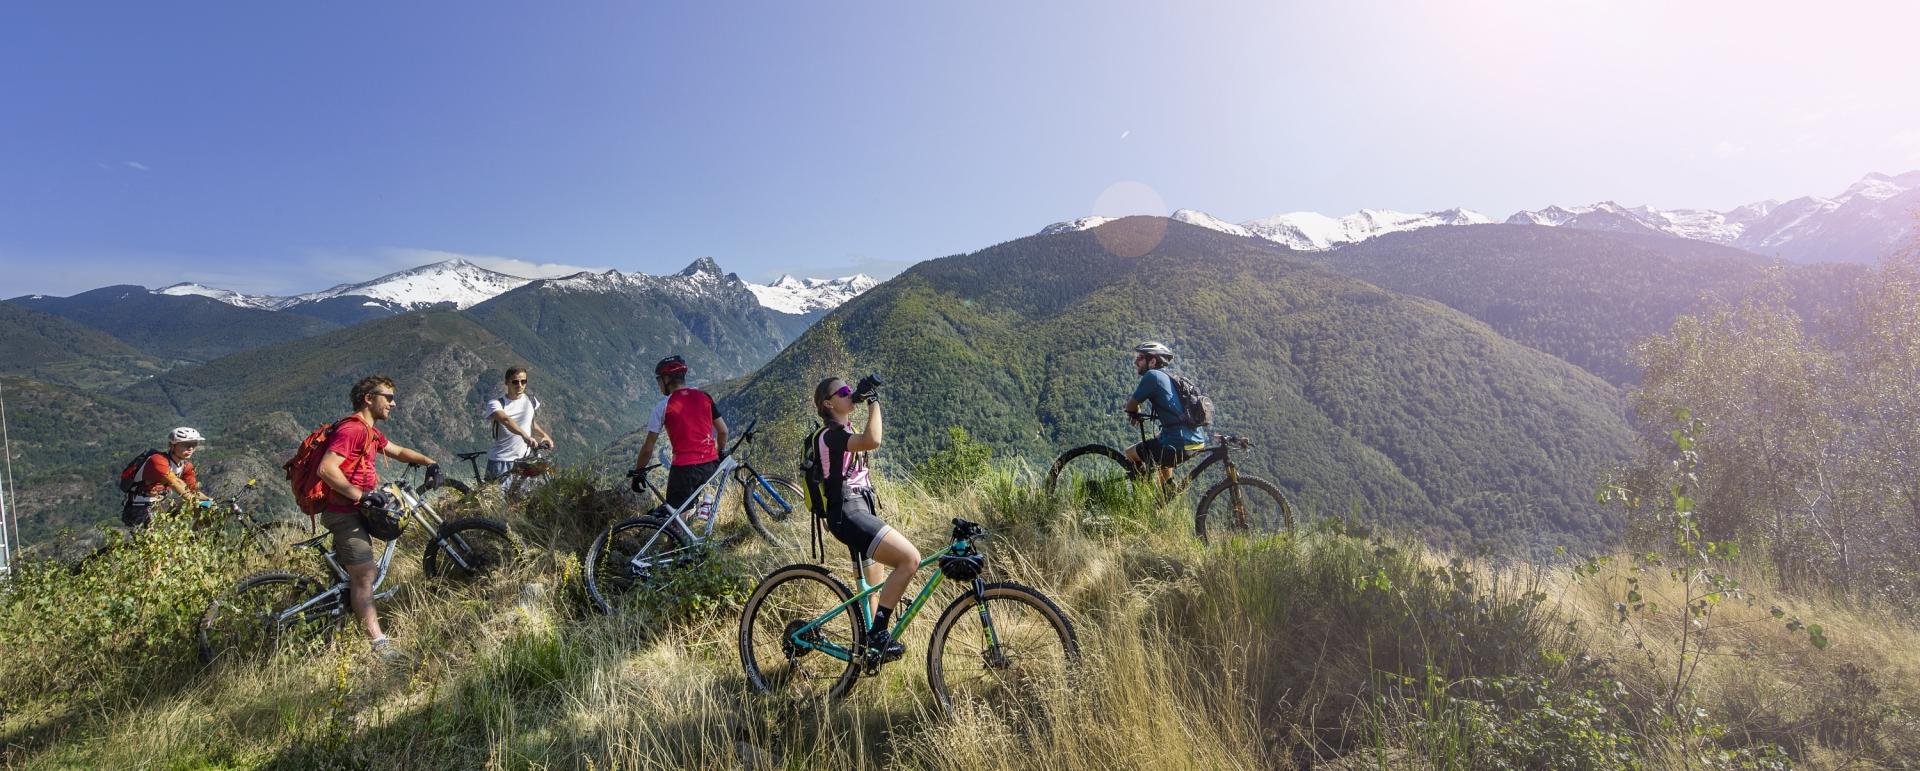 Groupe de cyclotouristes en pause en montagne